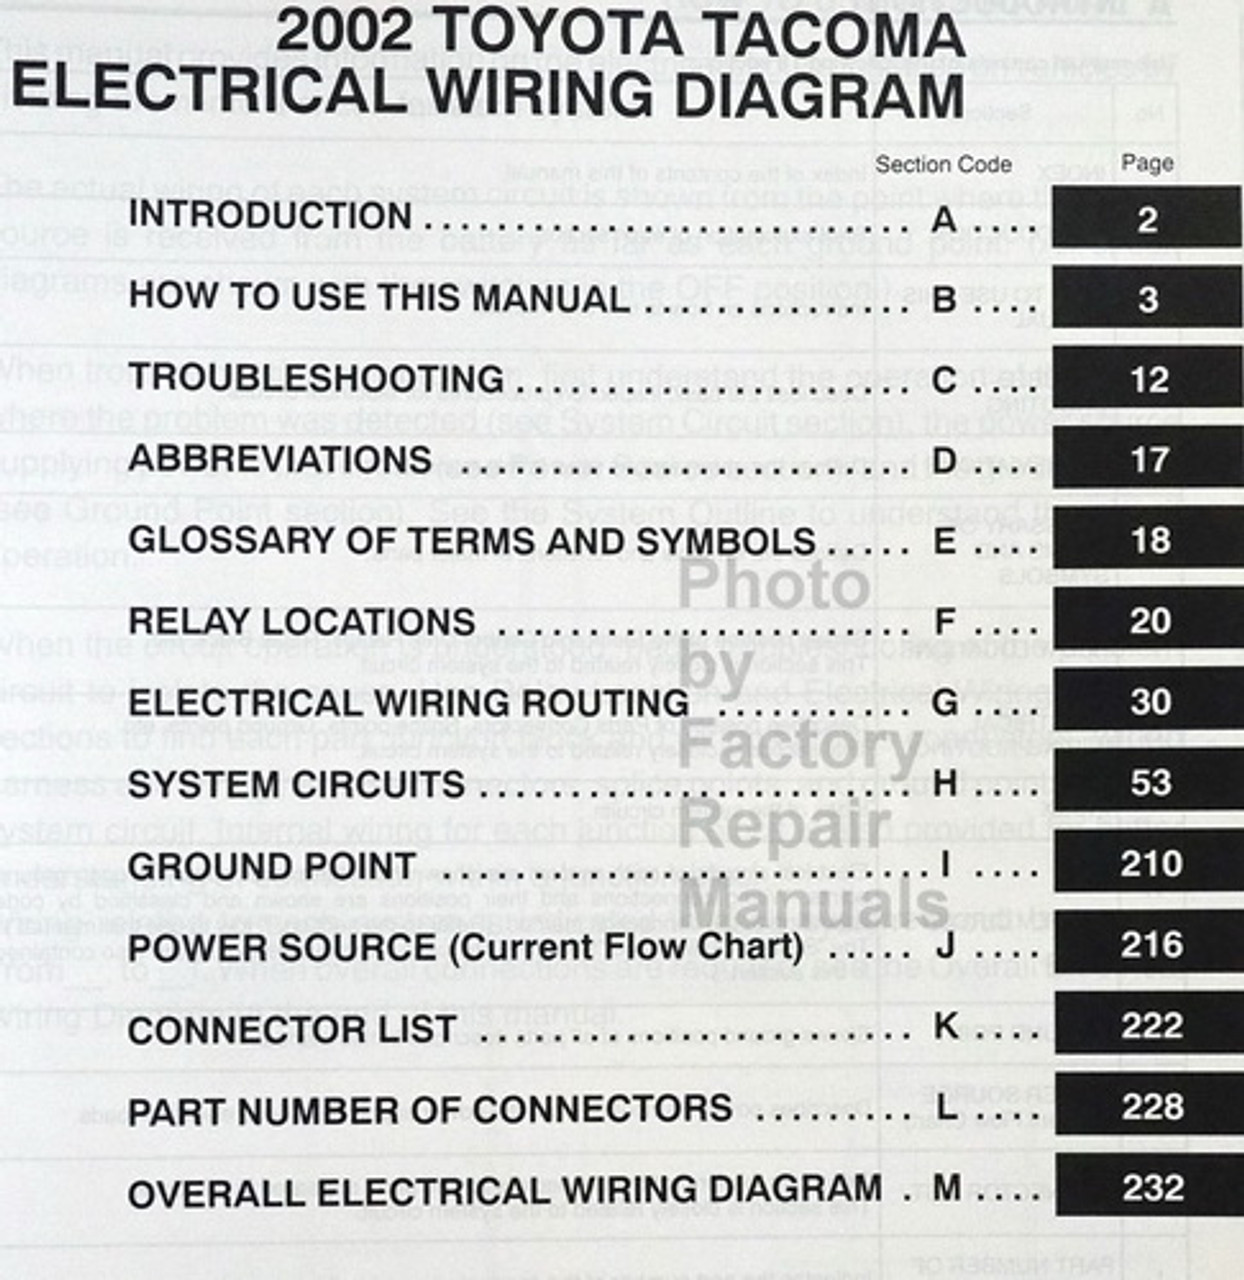 2002 toyota tacoma electrical wiring diagrams original manual - factory  repair manuals  factory repair manuals